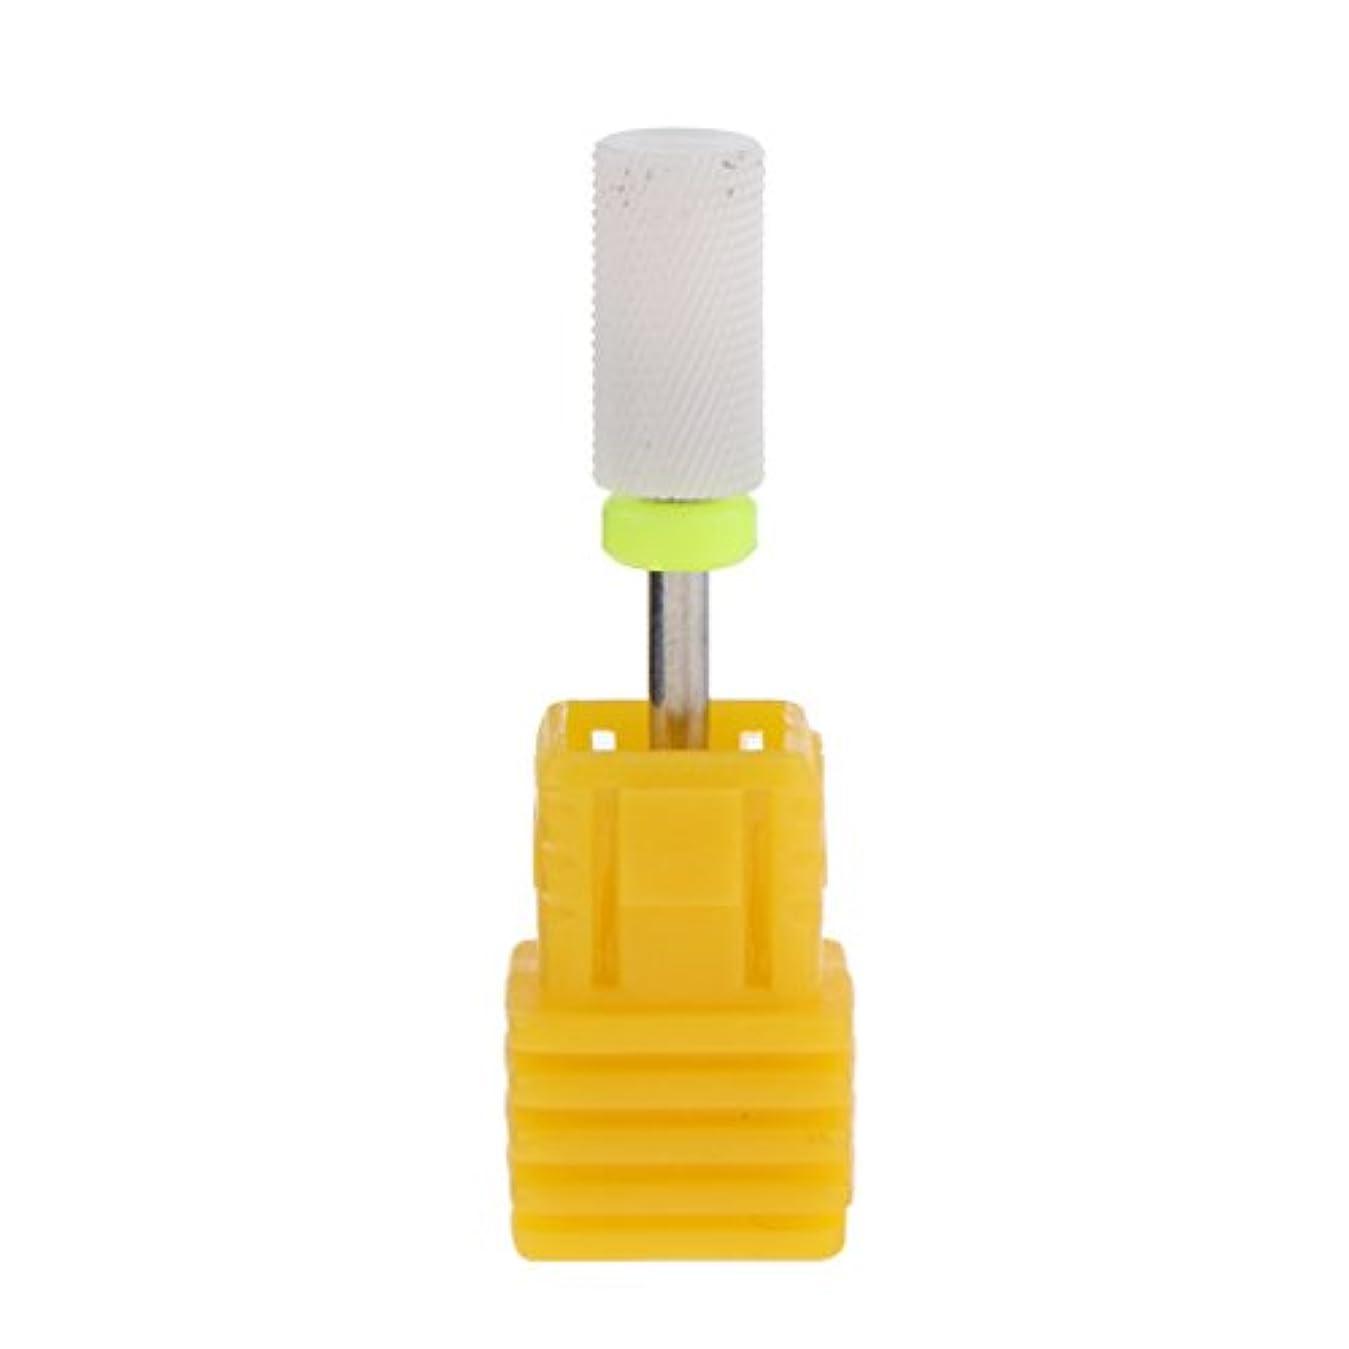 栄光の廃止するスパイネイルアート ドリルビット 研磨ヘッド 電気ドリルビット セラミック ネイル 全6色 - イエロー